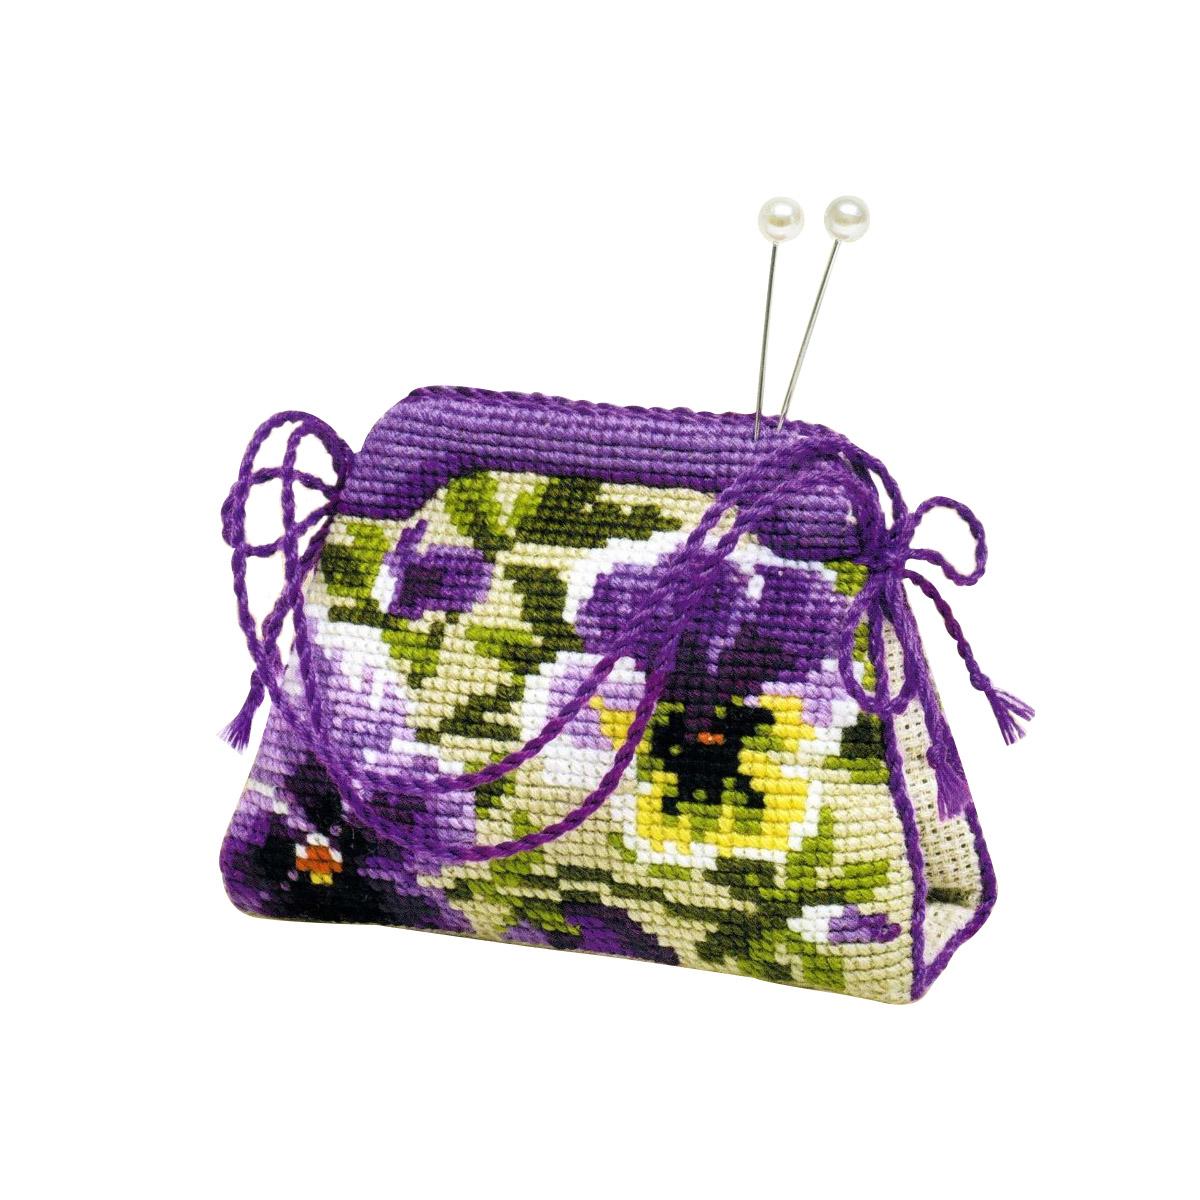 1039 Набор для вышивания Riolis 'Игольница-сумочка 'Анютины глазки', 11*8 см